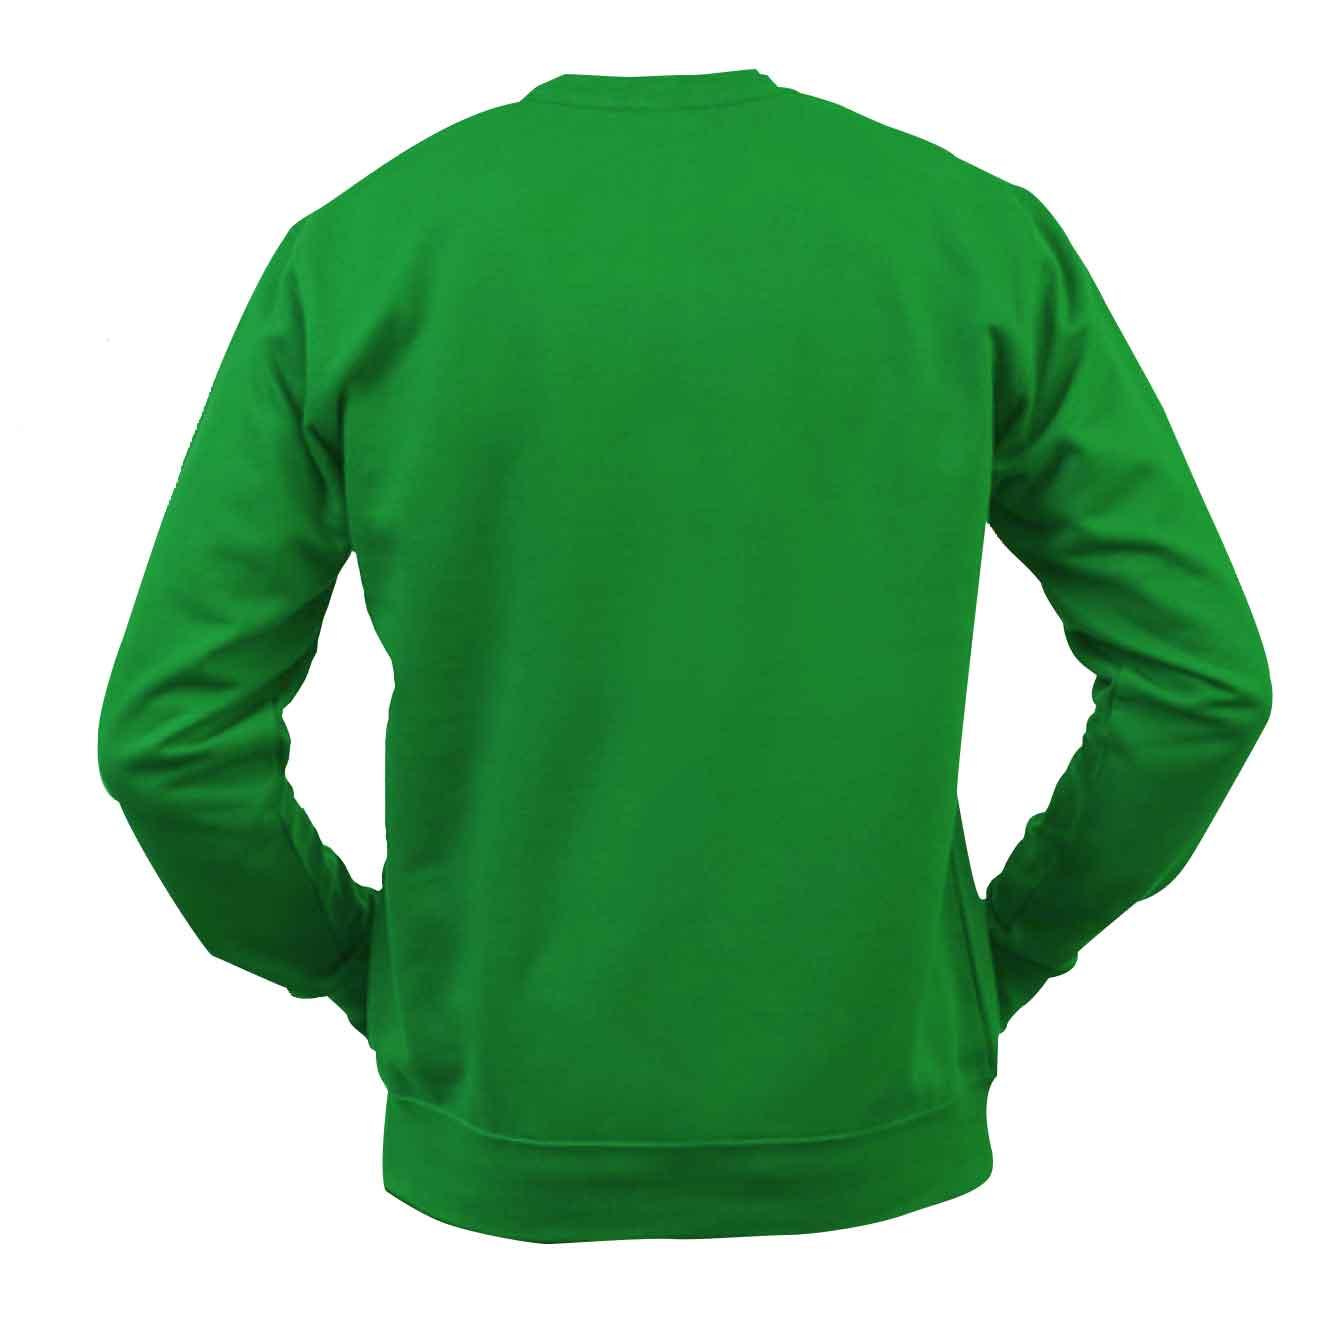 05_jh030_vert--0-0--4c891bf5-d987-4f68-b674-317424d22a31